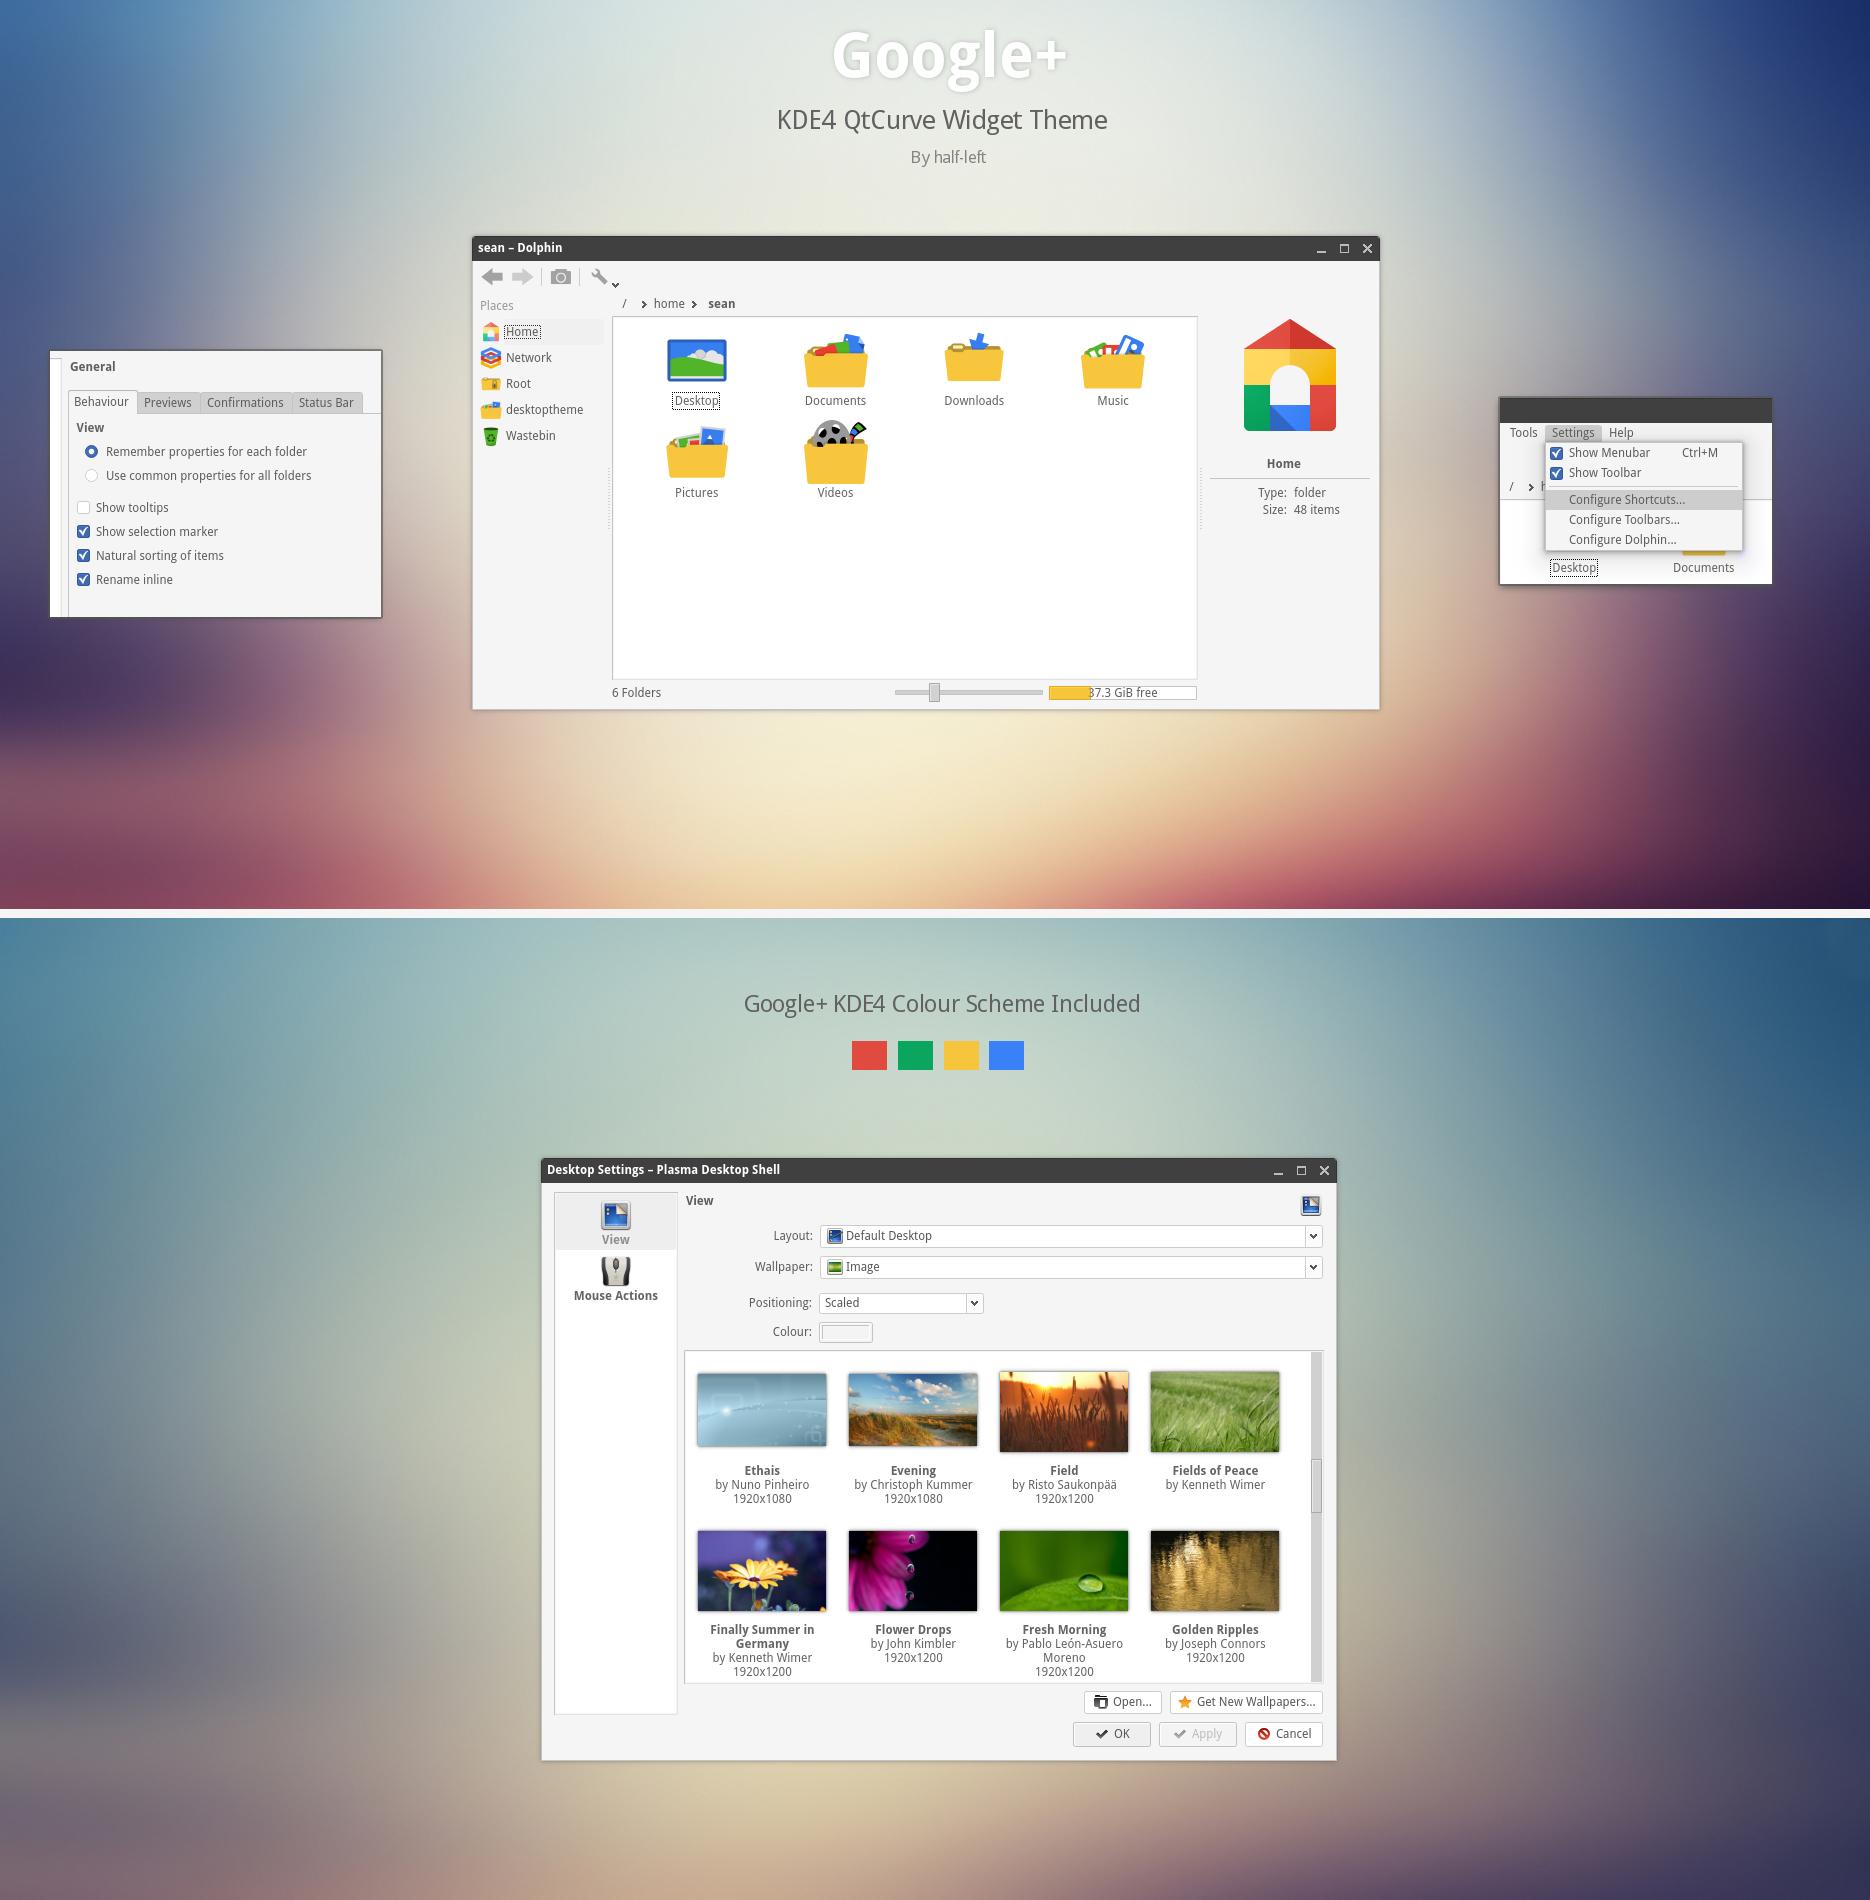 KDE4 - QtCurve Google+ by half-left